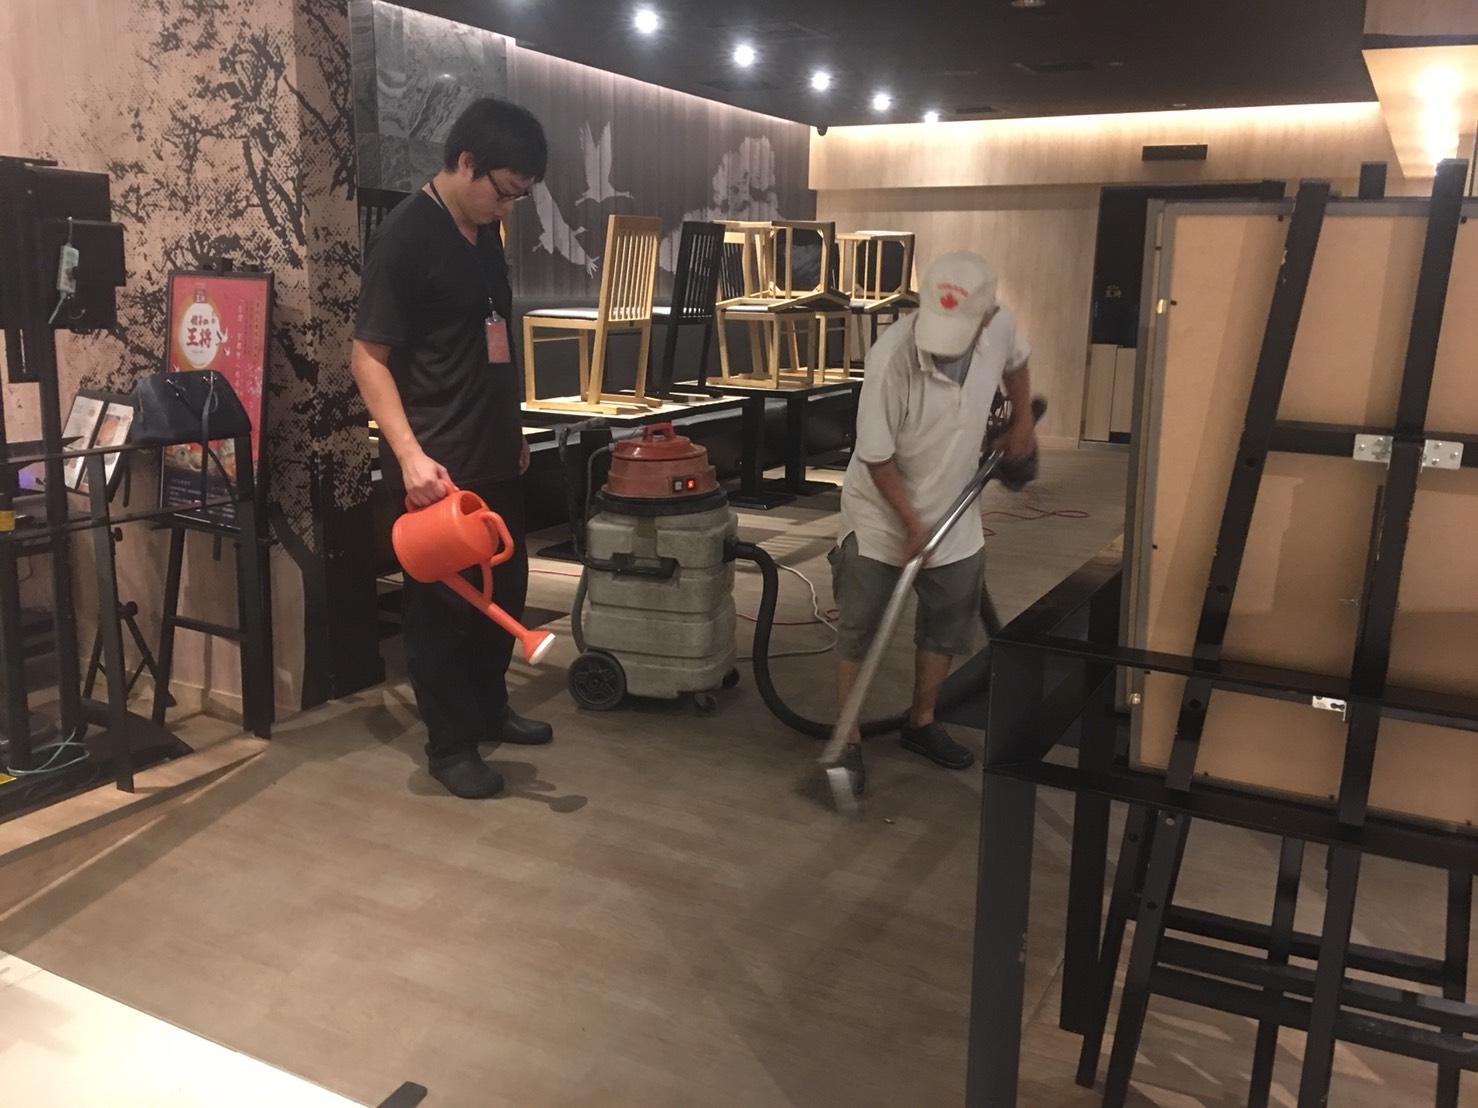 漢神巨蛋王將餐廳清潔保養 (1).jpg